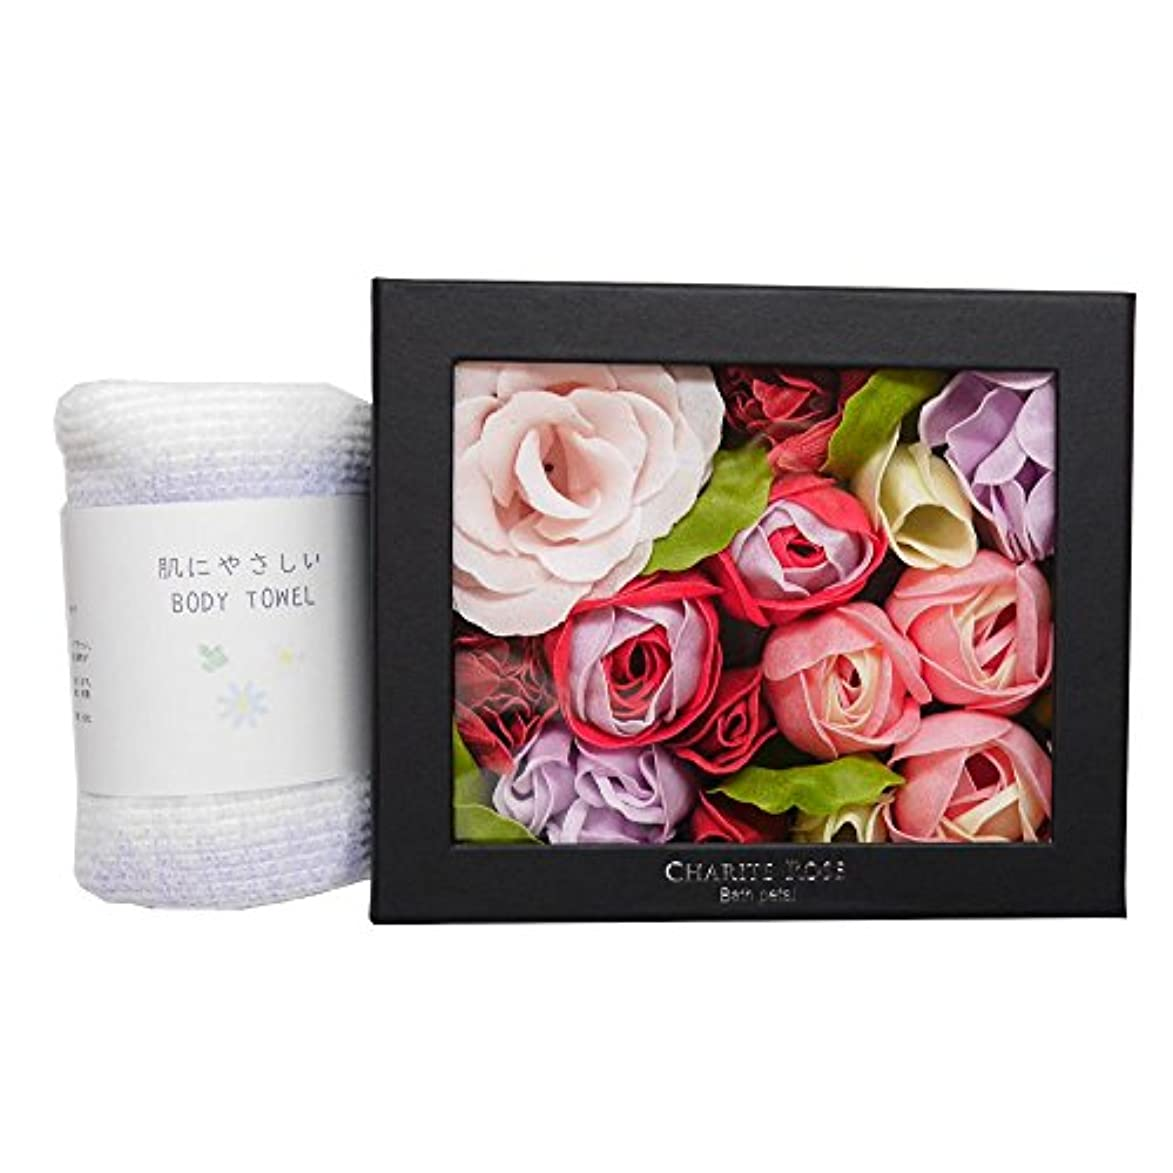 ローズ バスペタル グロスローズ ピンク ボディタオル セット /バラ お花 入浴剤 母の日 お祝い 記念日 贈り物 プレゼント